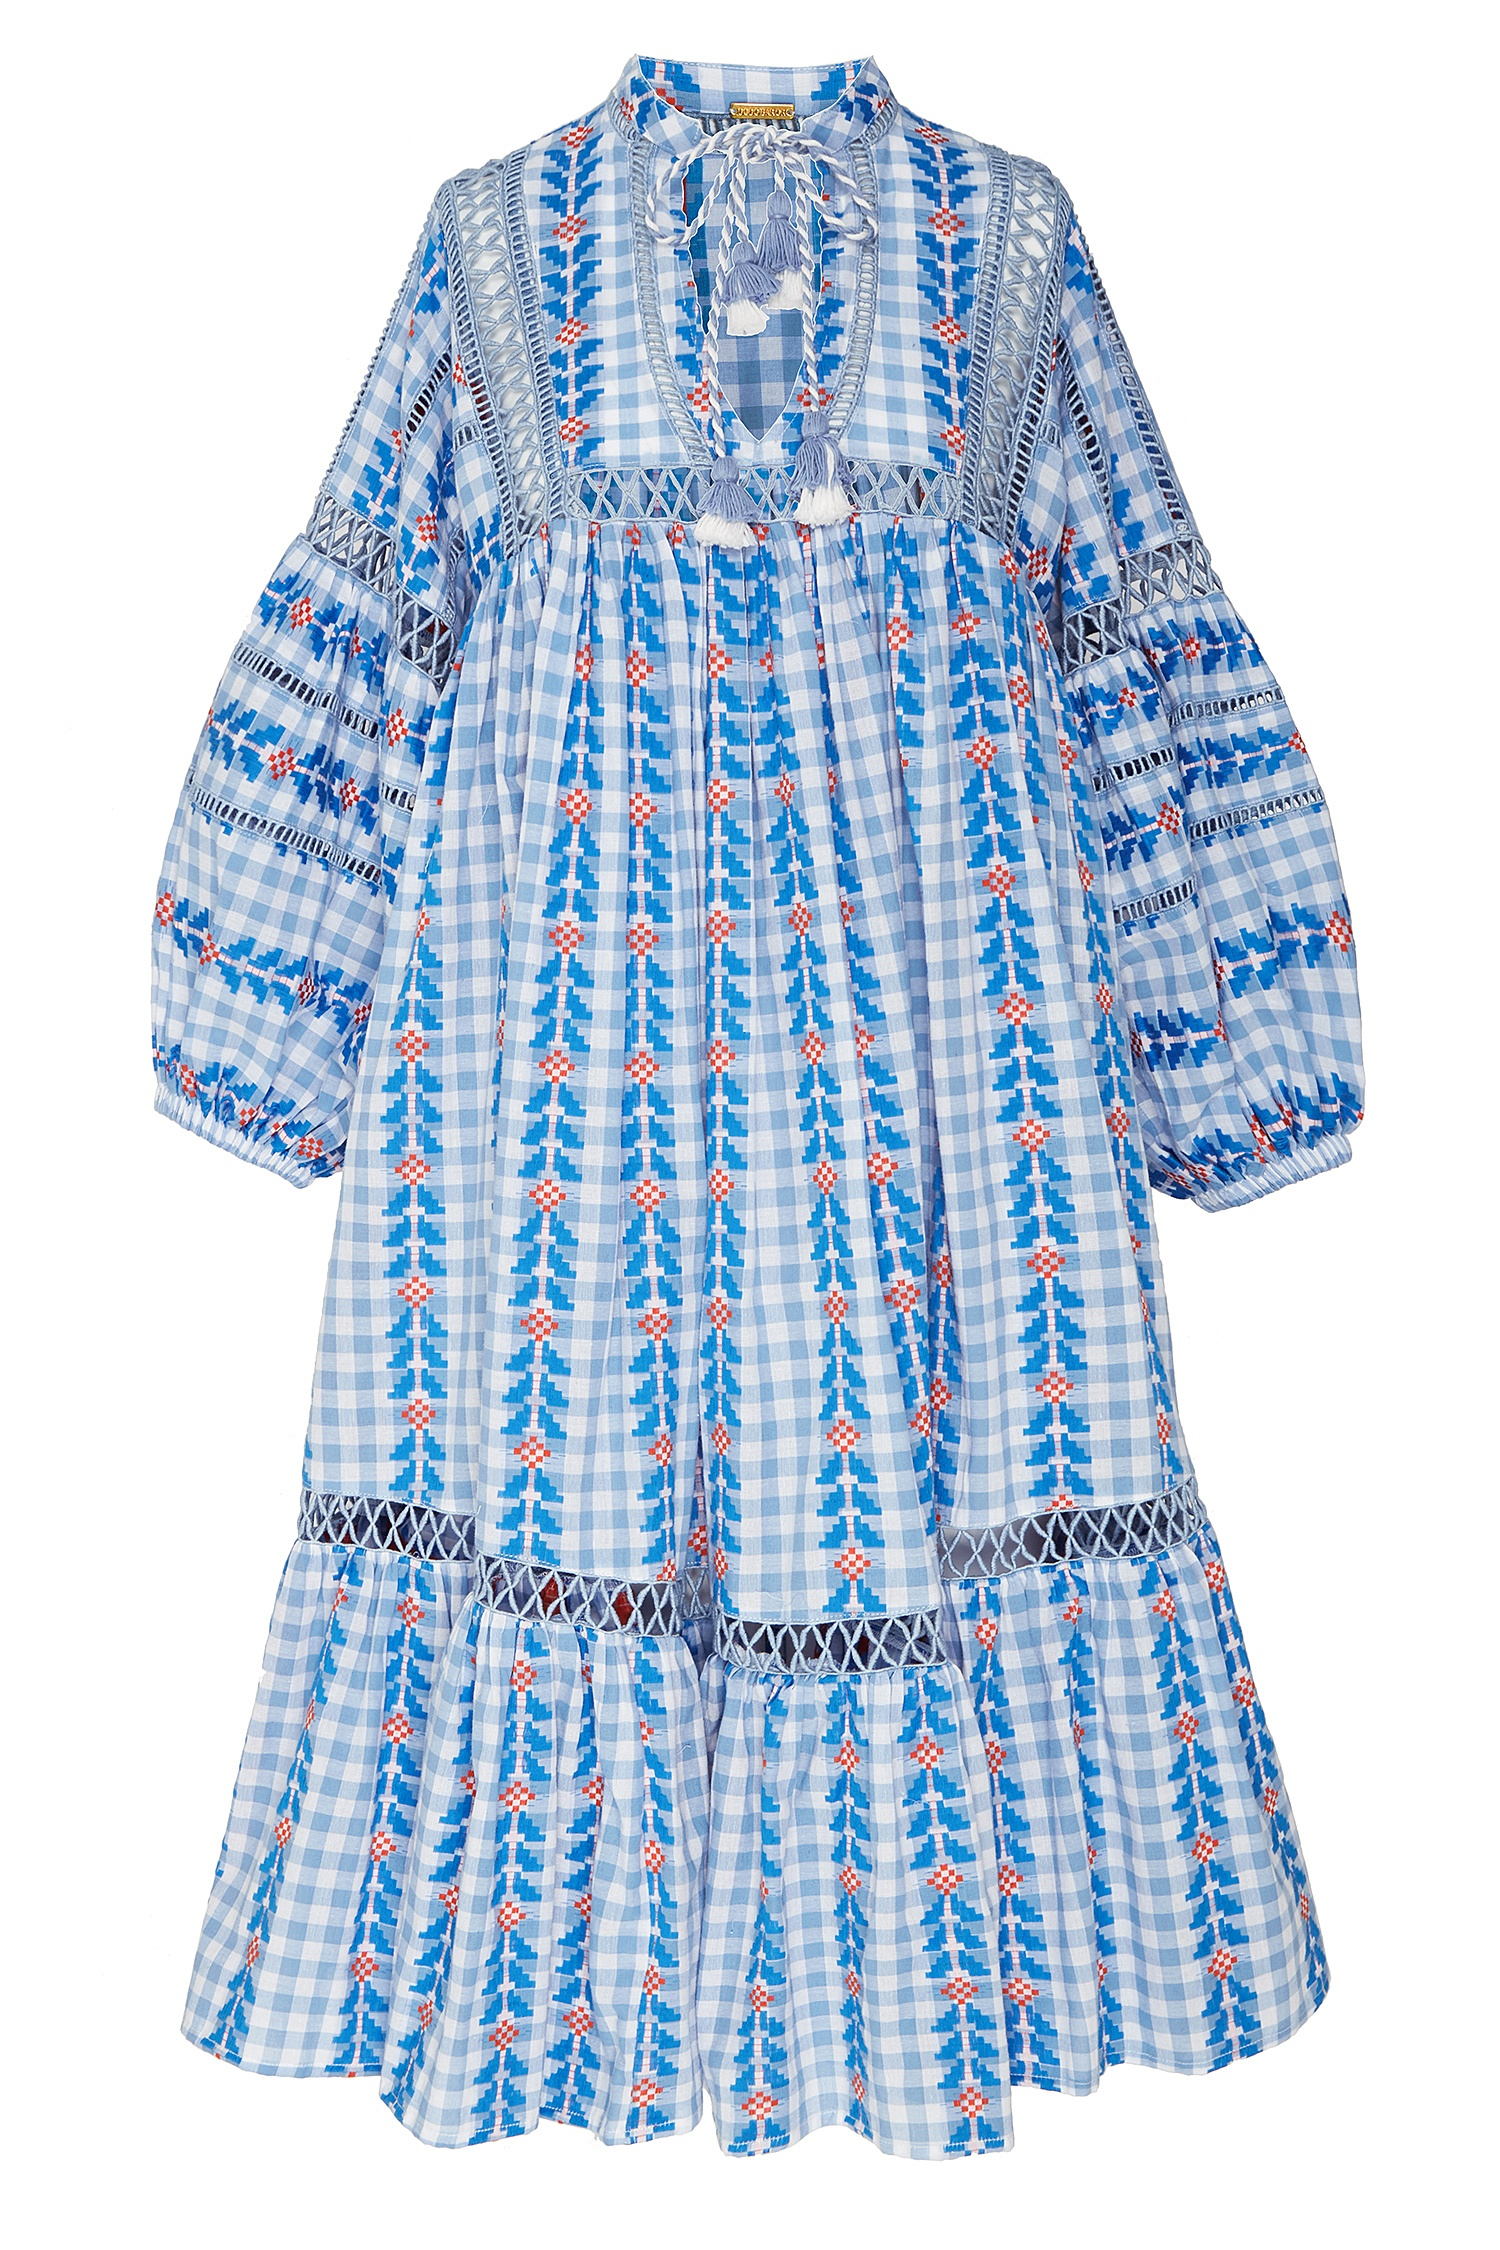 0f5231673c25 Голубое платье-туника Elena Dodo Bar Or - Свободное платье из ...